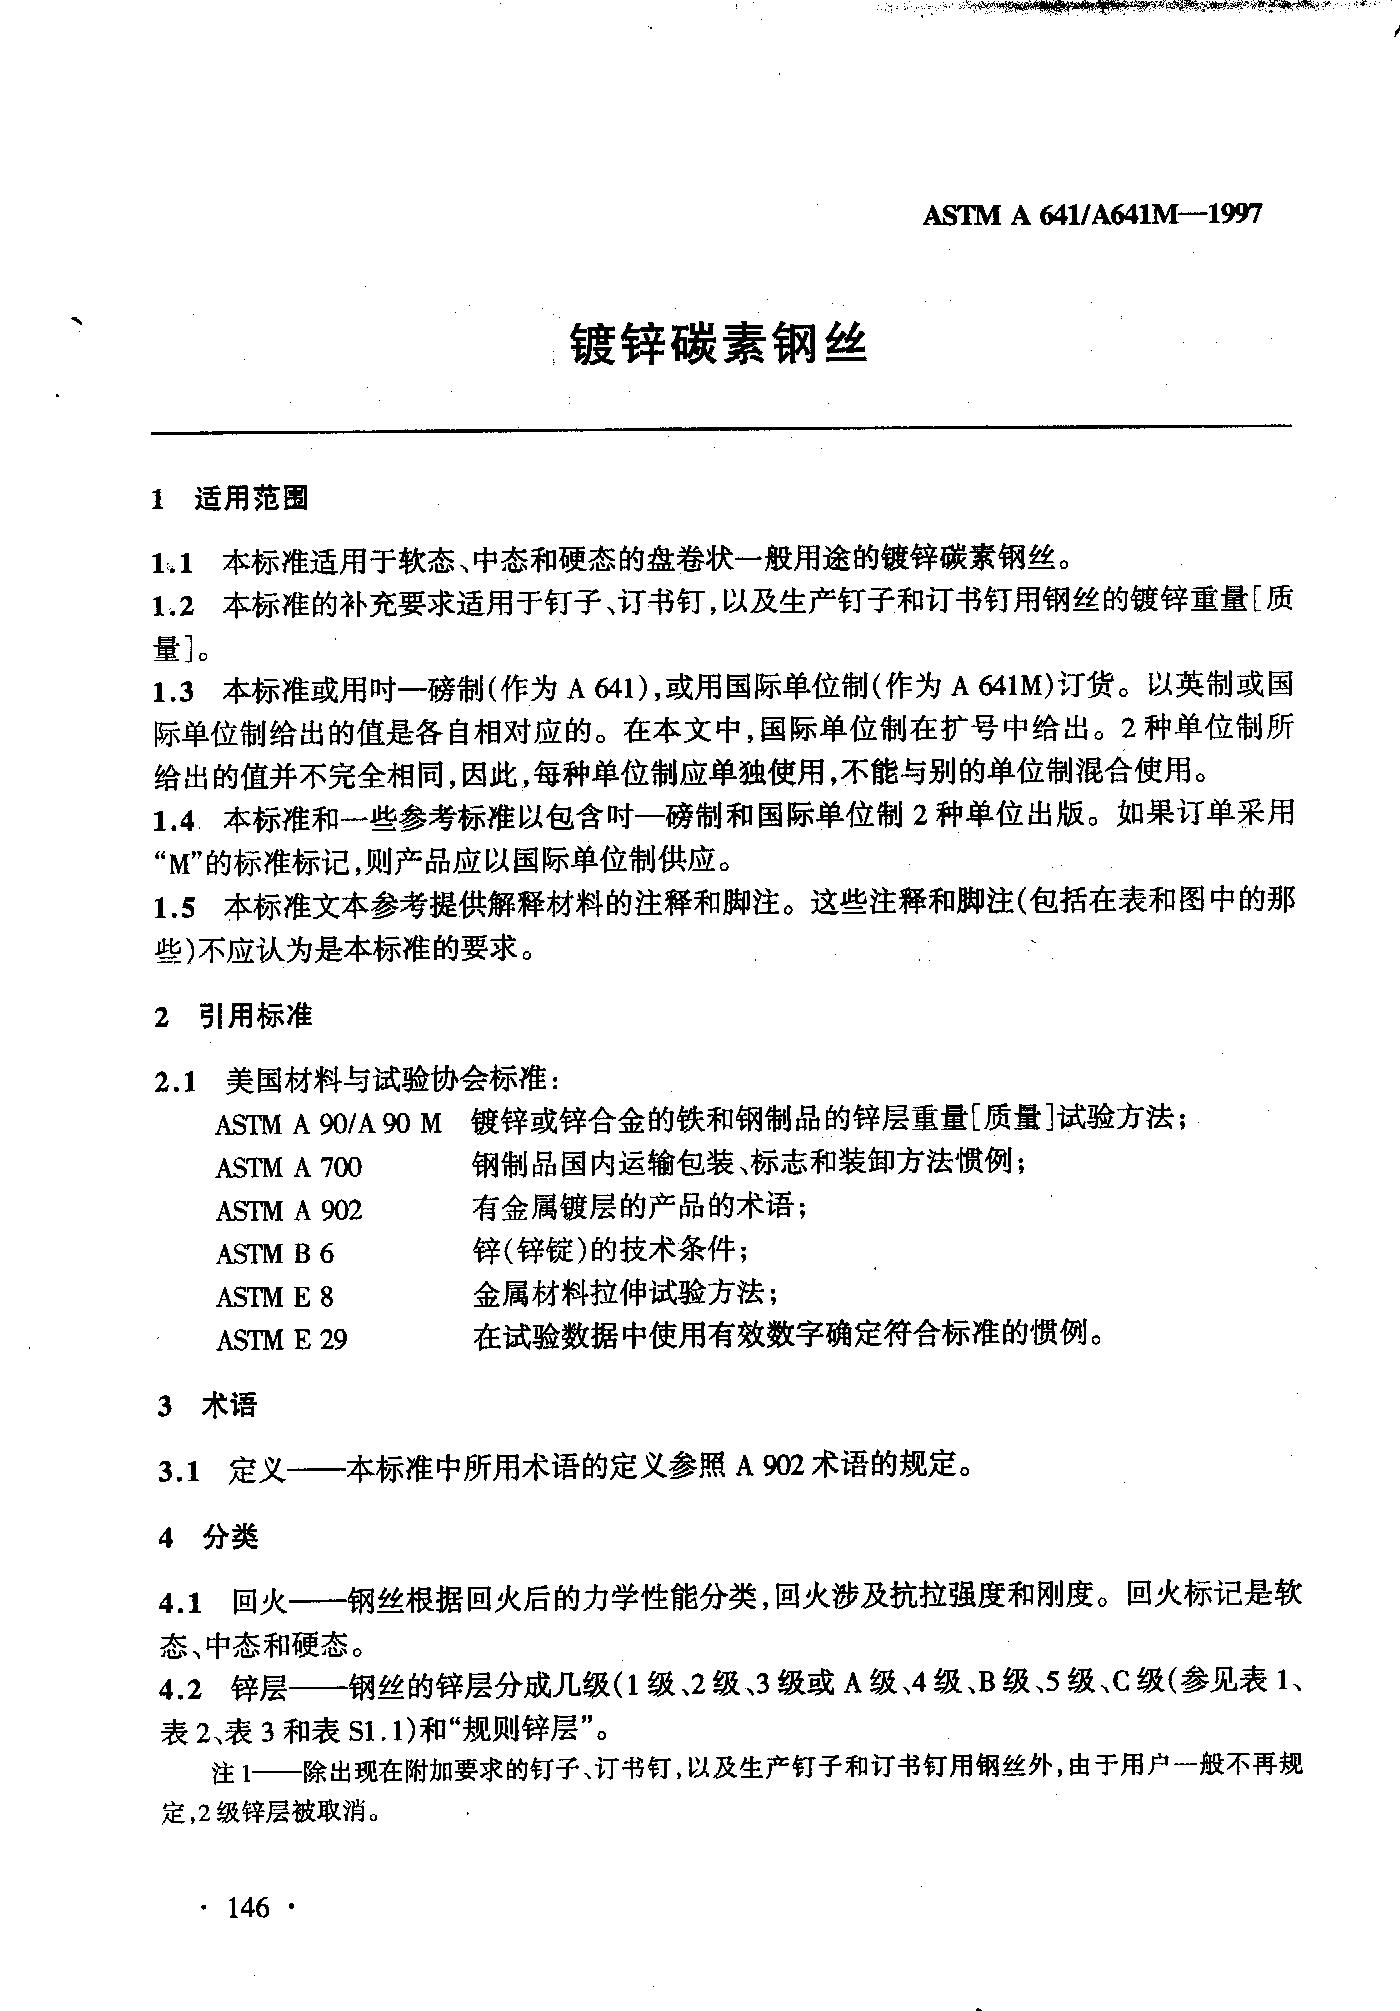 中文 ASTM A 641 镀锌碳素钢钢丝规格_word文